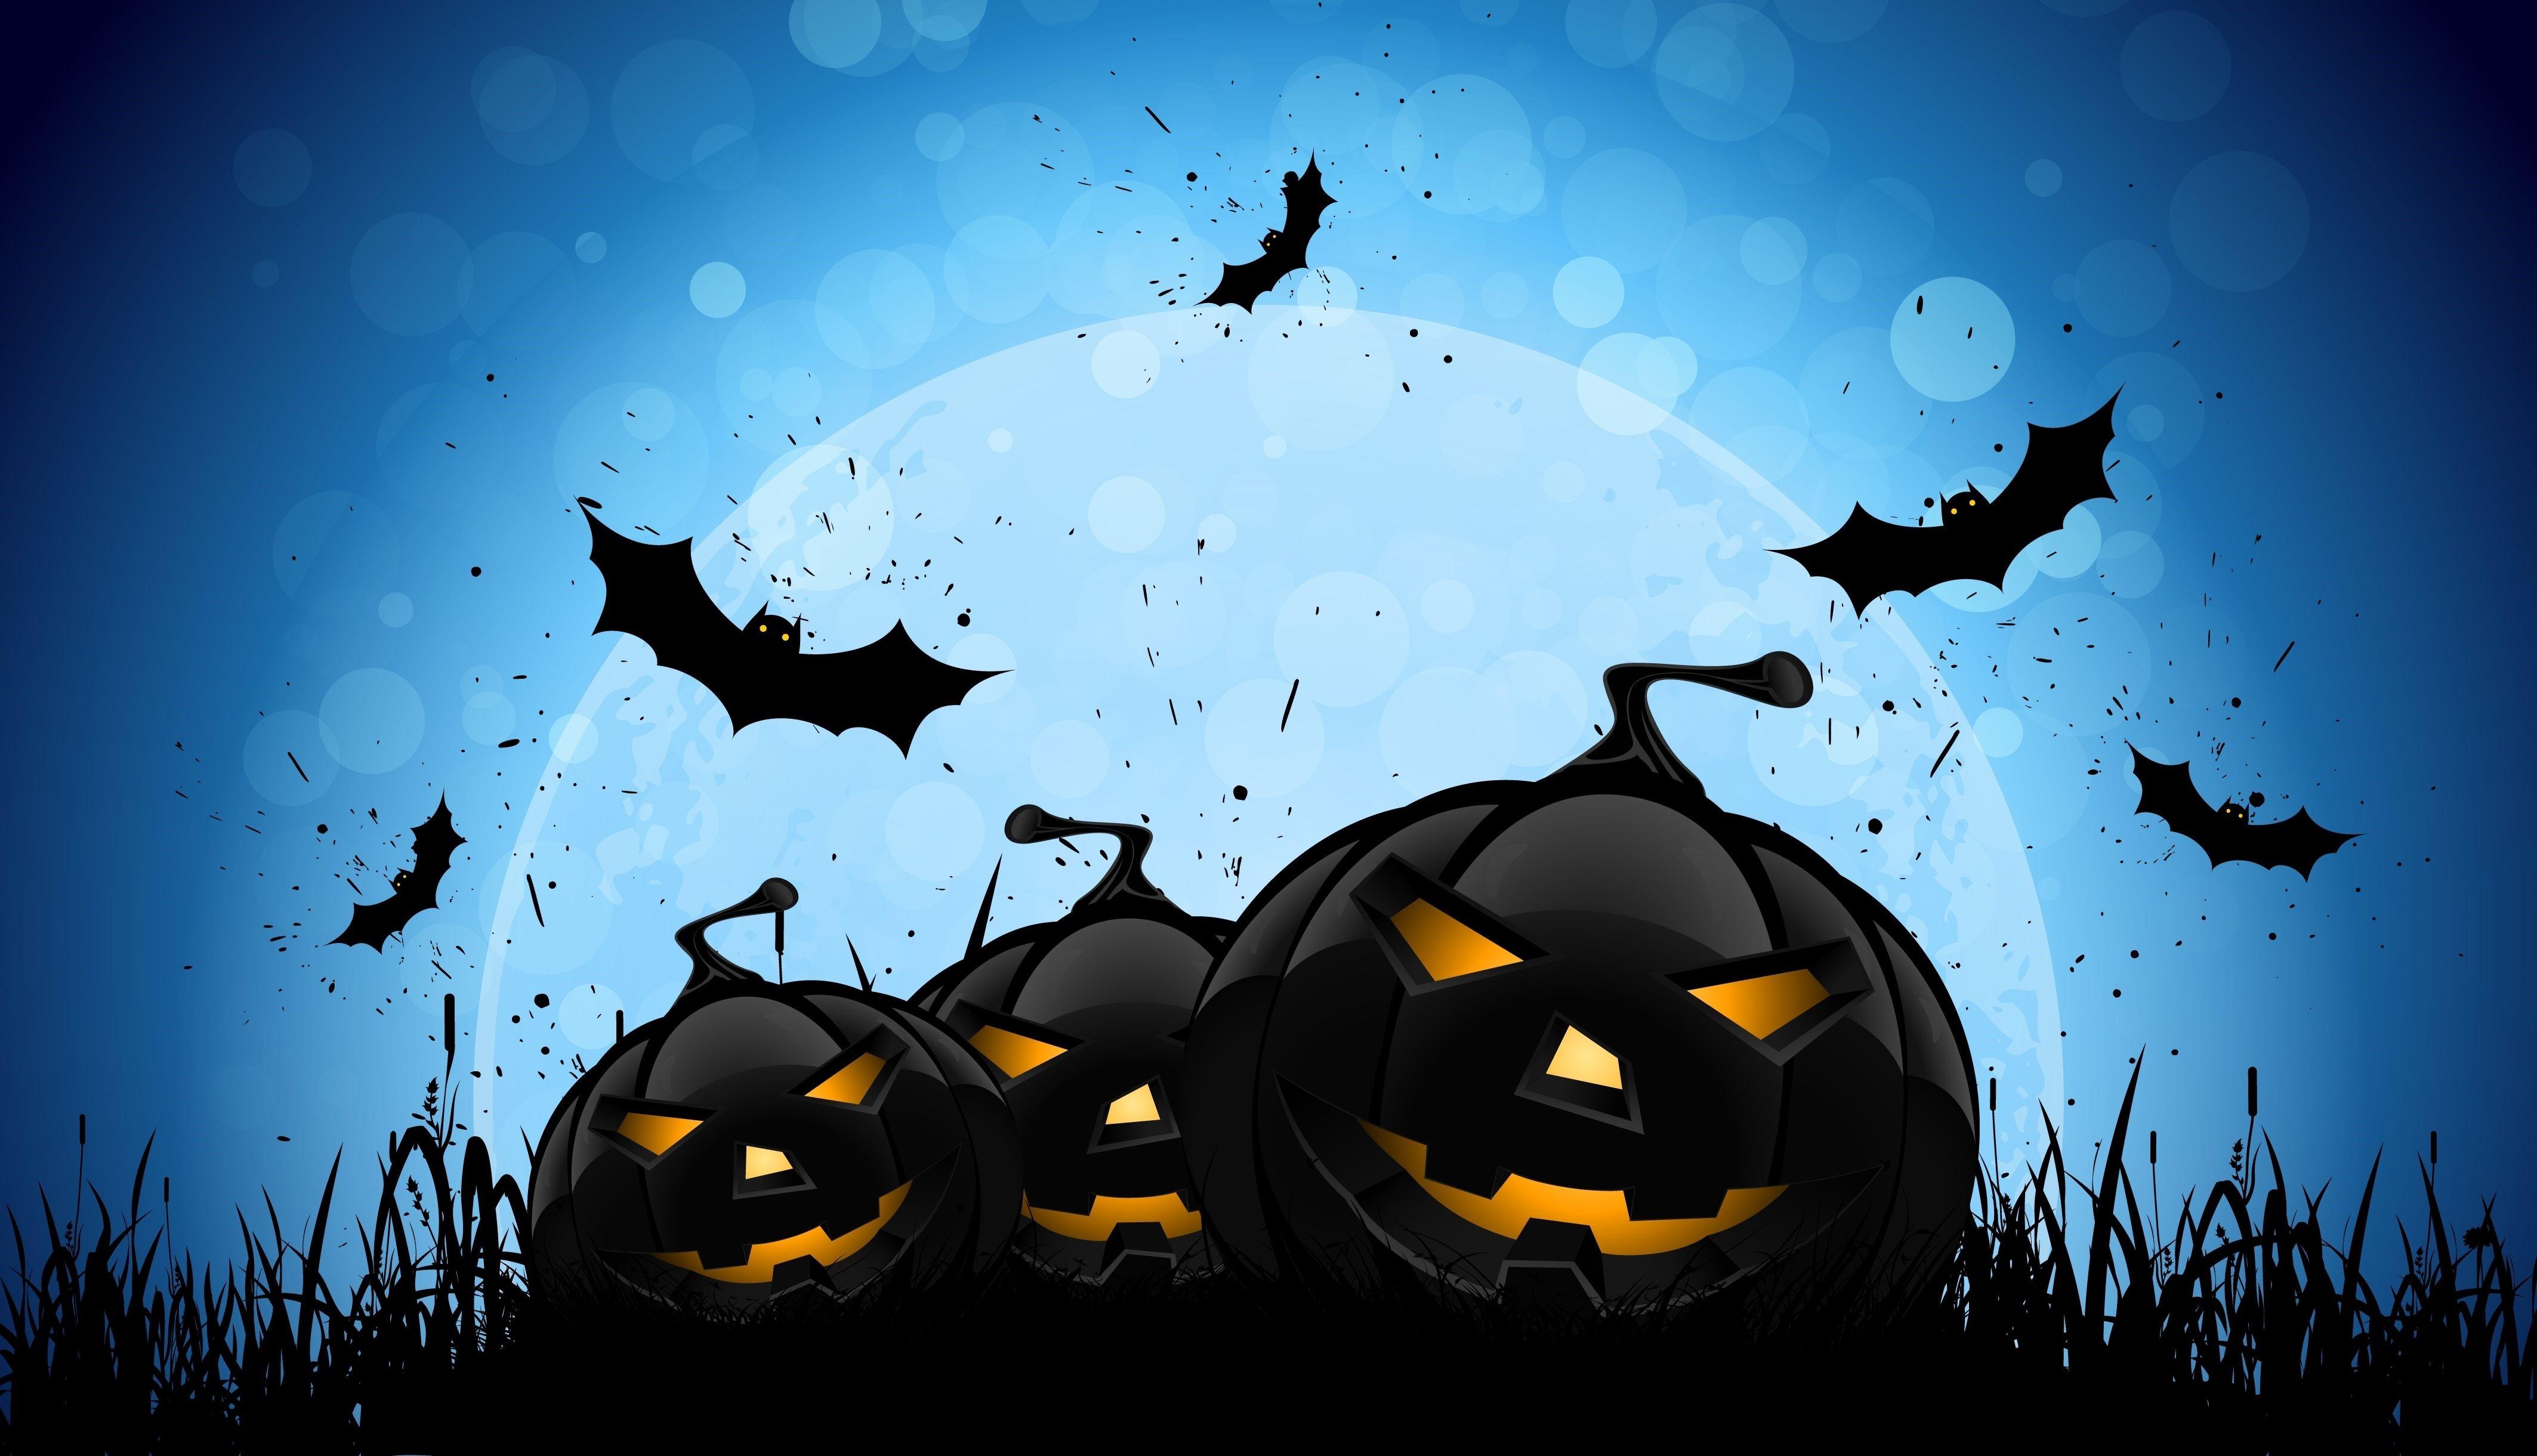 Halloween Bat And Pumpkin HD Wallpaper